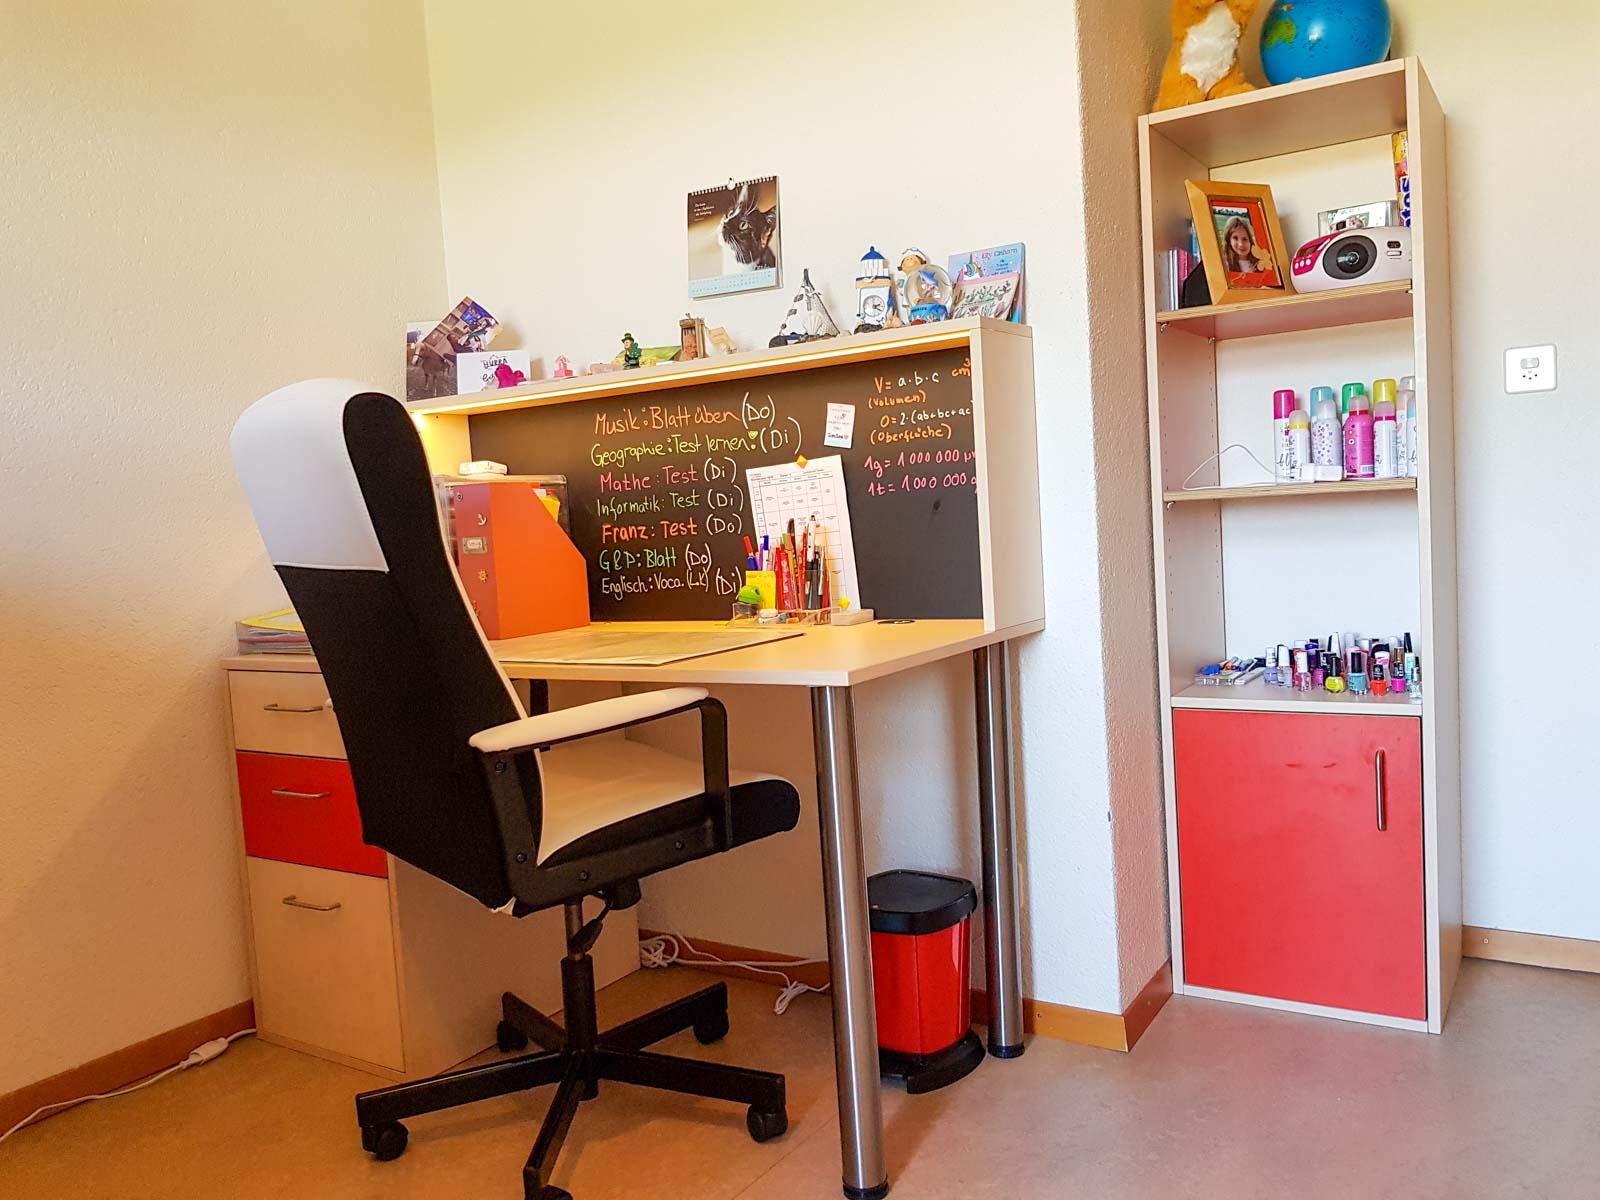 Wooddesign_Kinderzimmer_Kinderbett_Spielzimmer_Schreibtisch-Verstauraum_ Schubladen_Pinwand_Bücherregal (4)